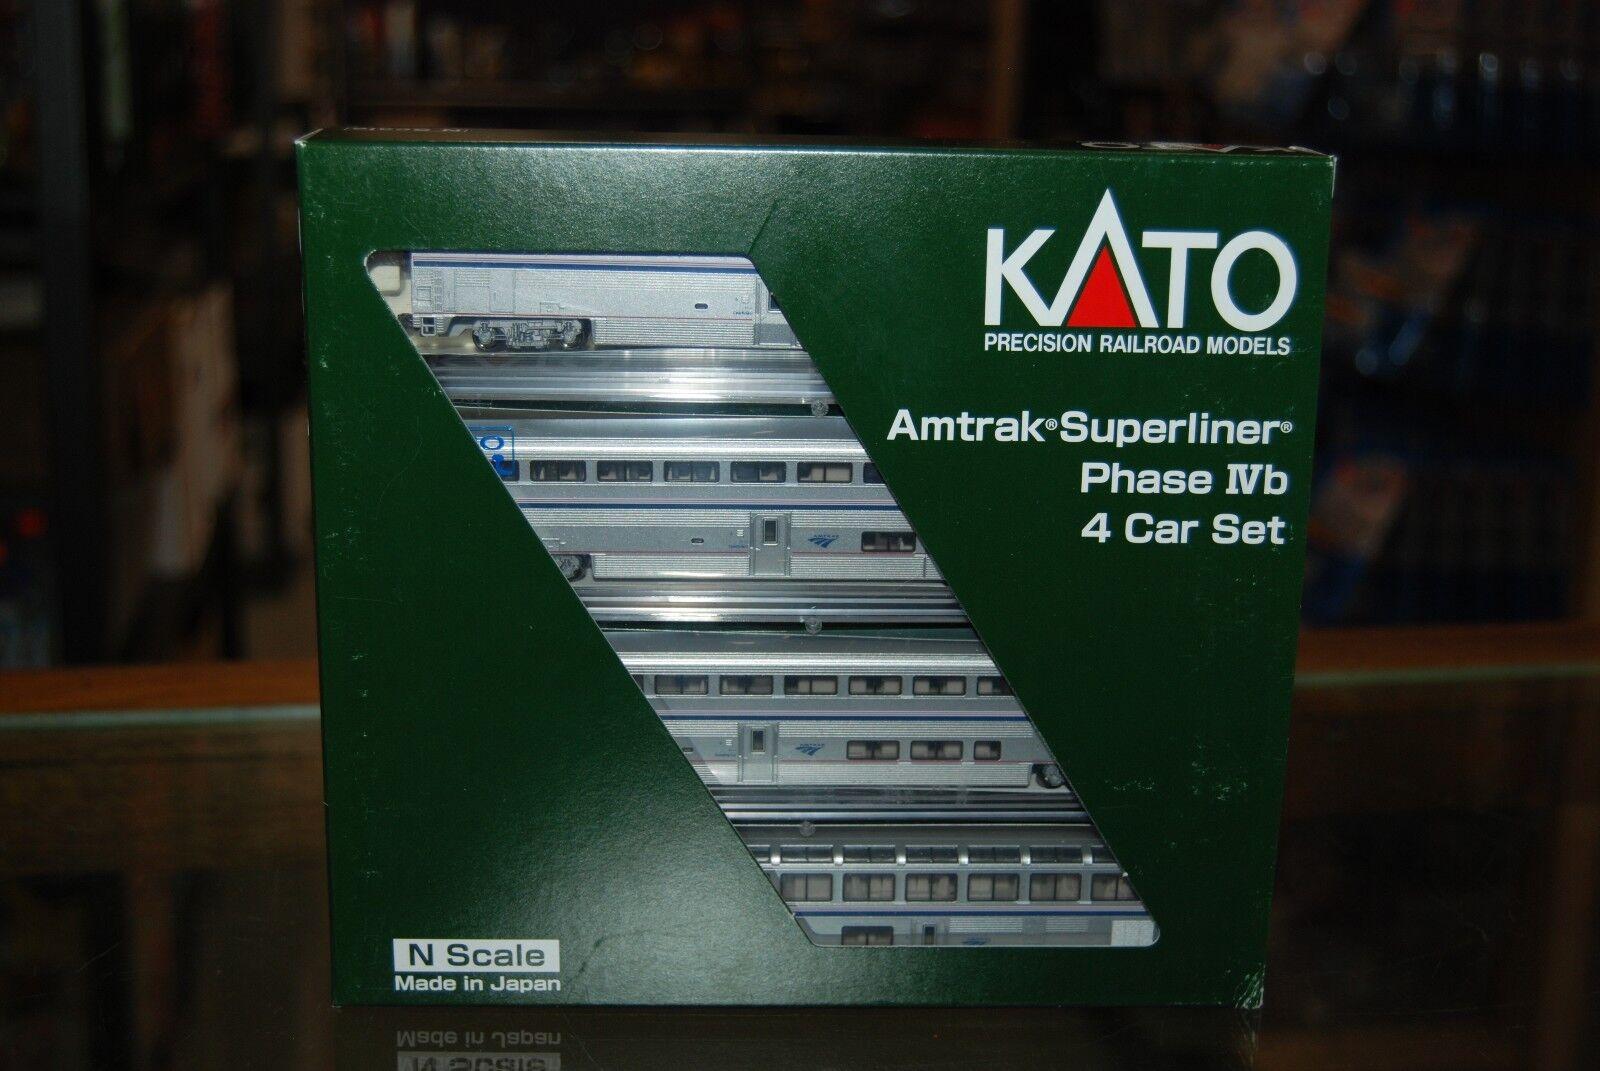 N skala Kato 106 -3516  Amtrak Superliner Fas IVb, 4 Biluppsättning B  NIB